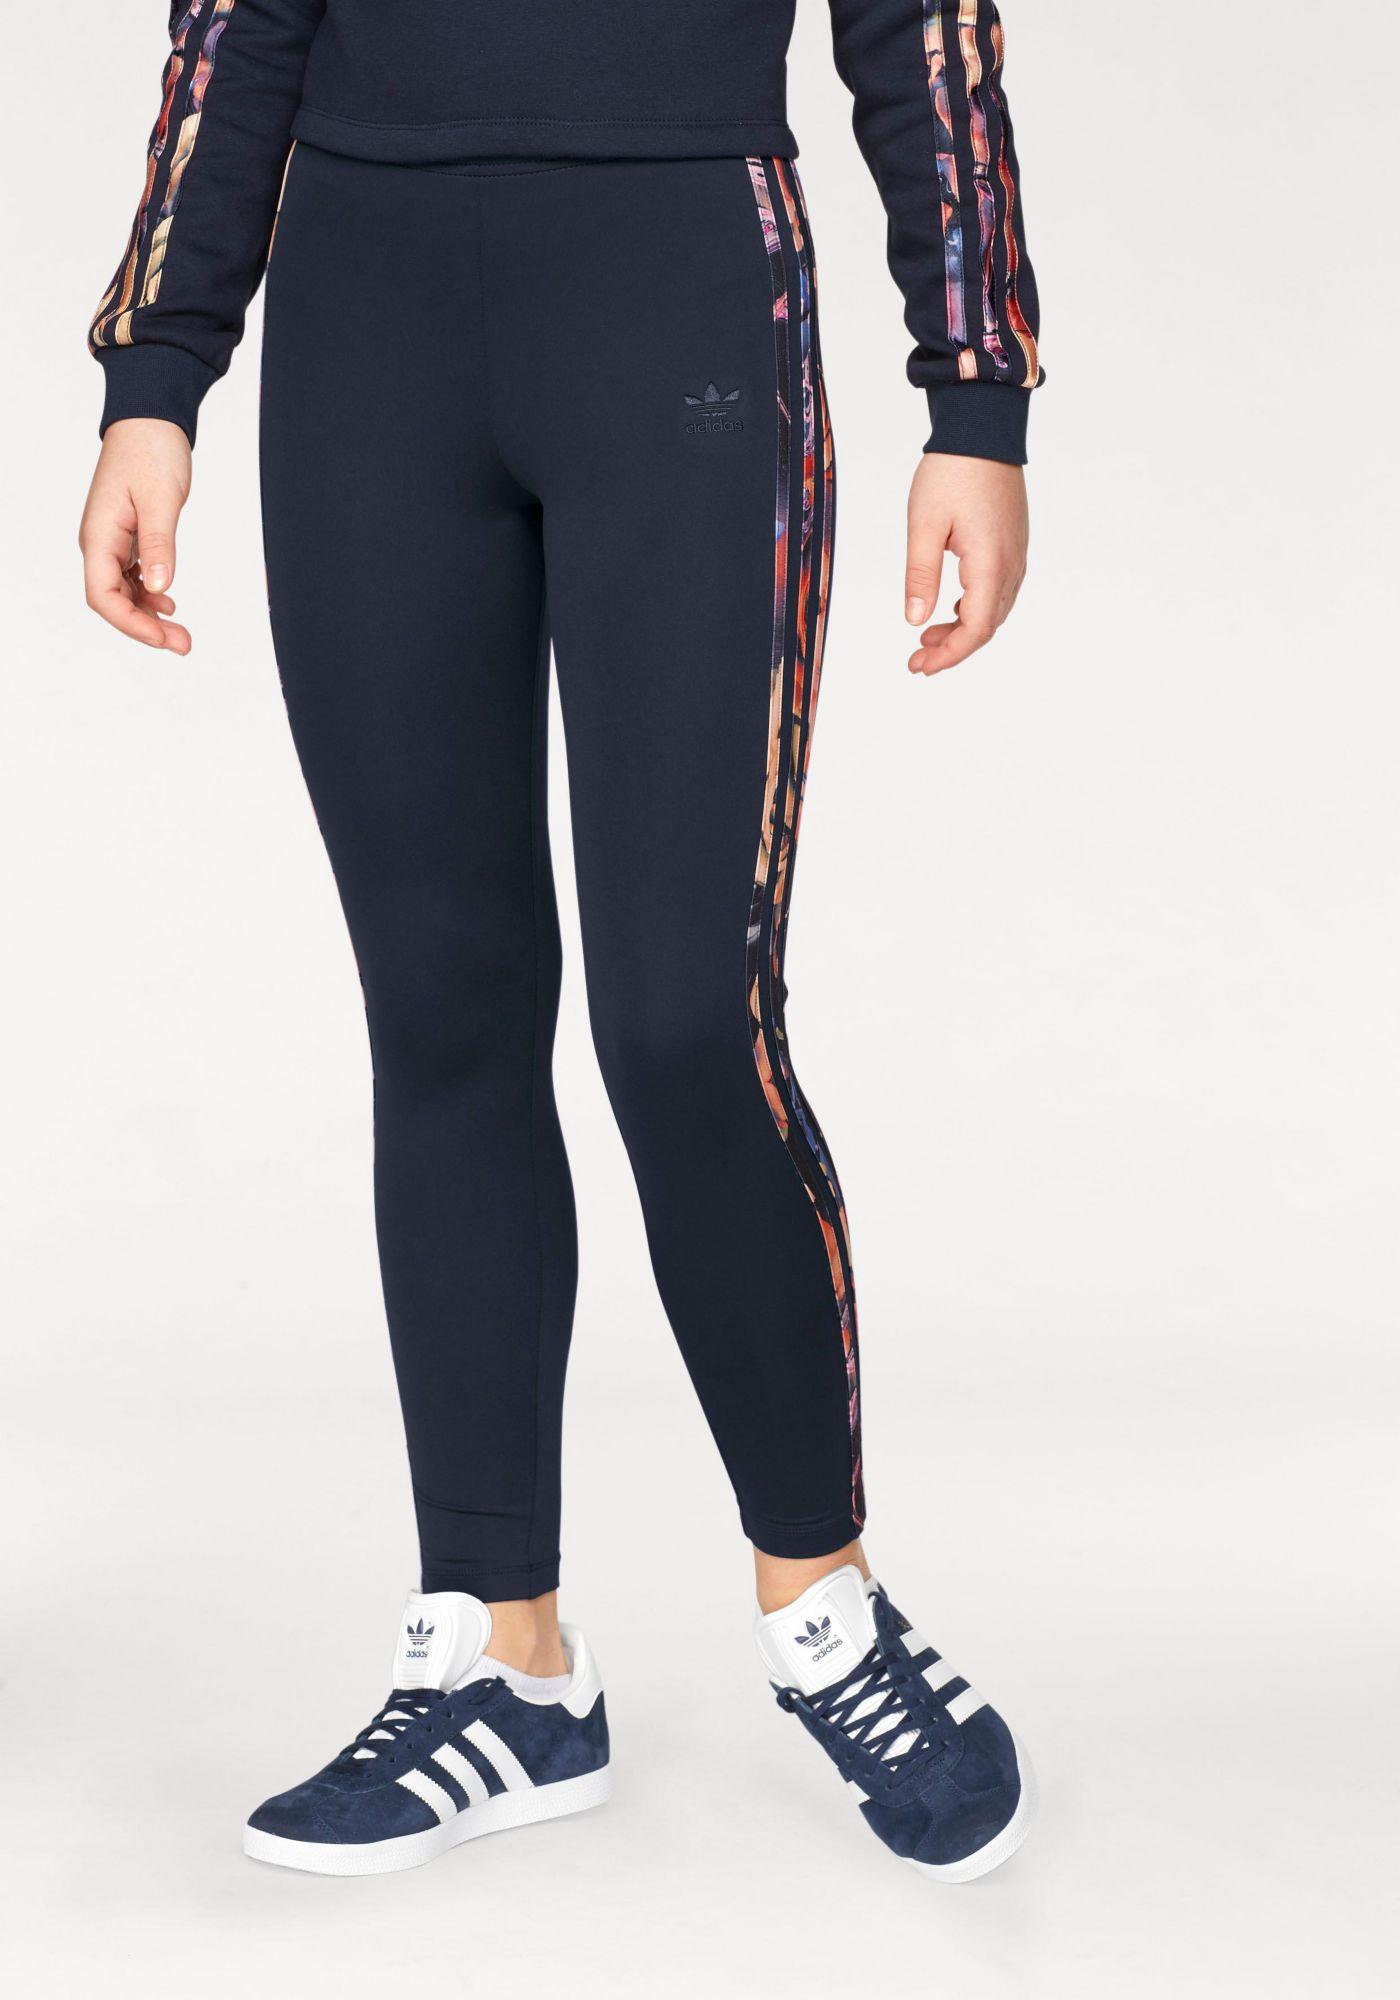 ADIDAS ORIGINALS adidas Originals Leggings »J ROSE LEGG«